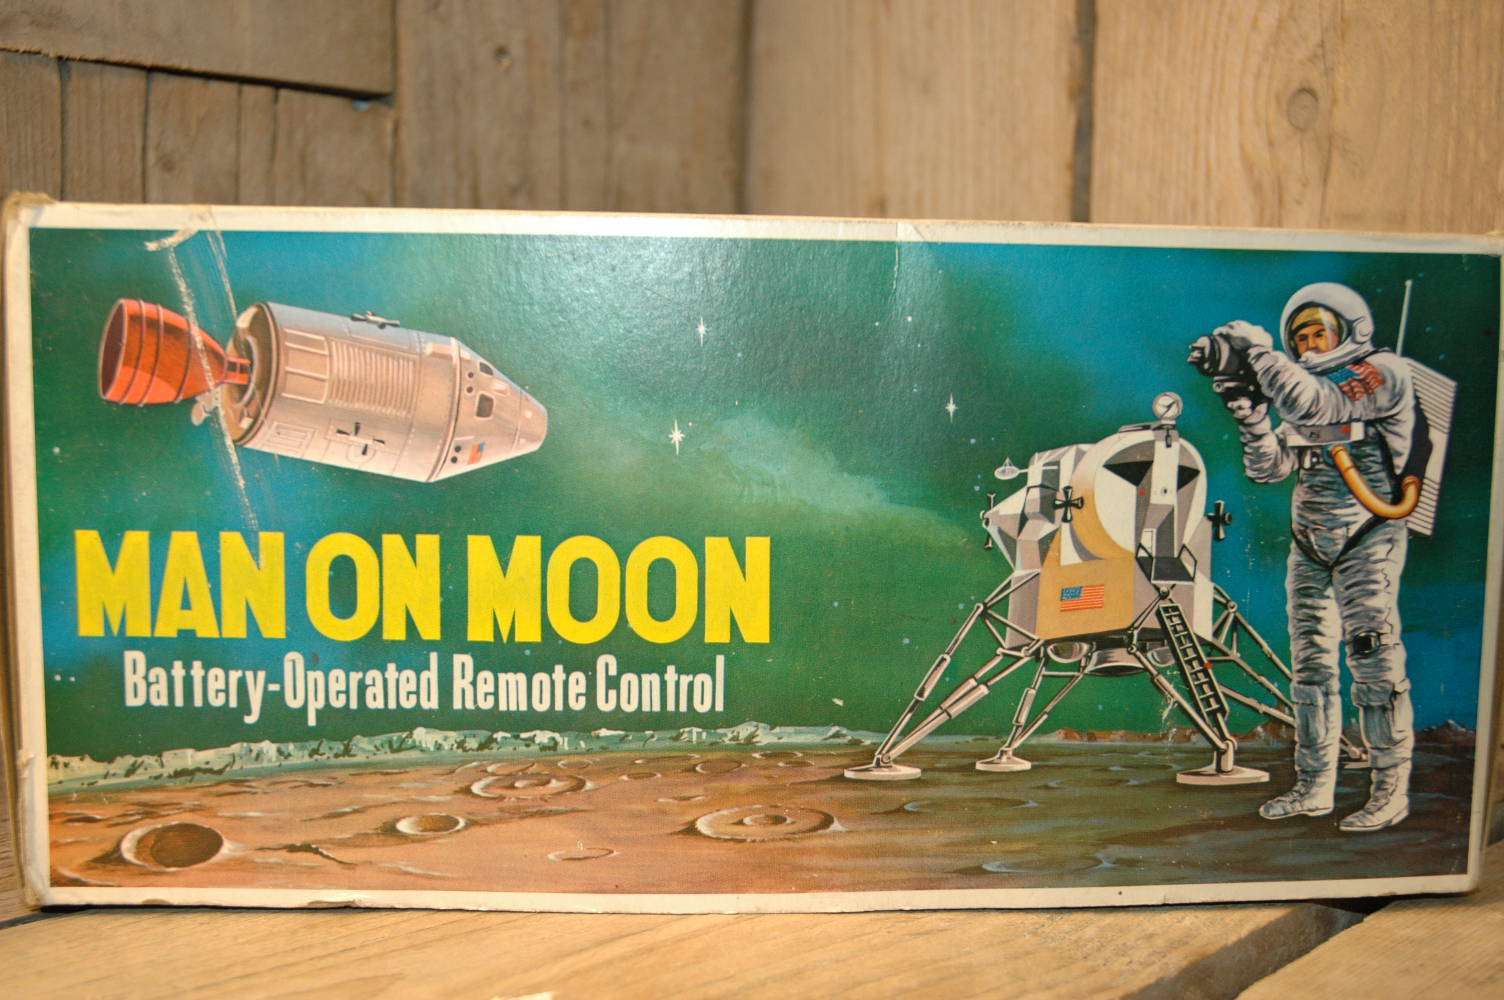 Osmo Hong Kong - Man on Moon